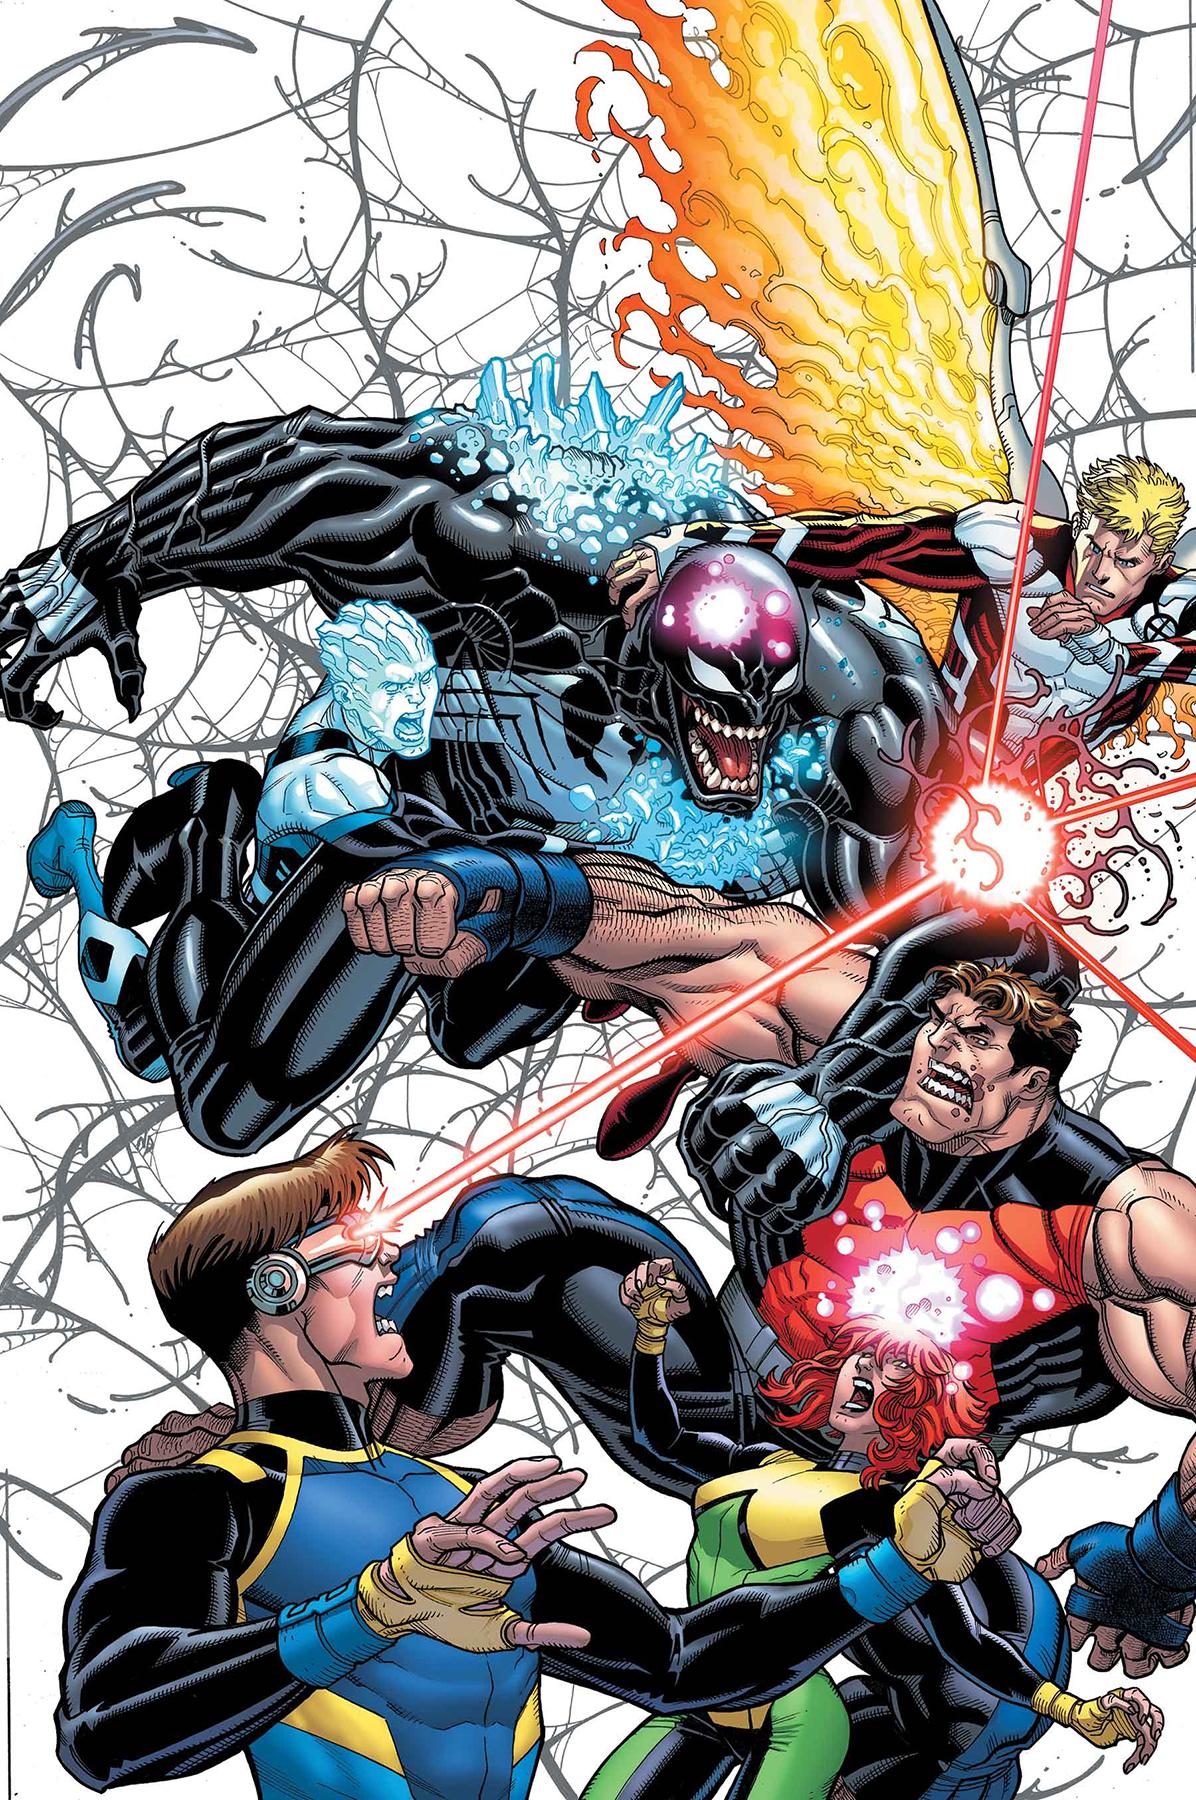 Nick Bradshaw - X-Men Blue annual